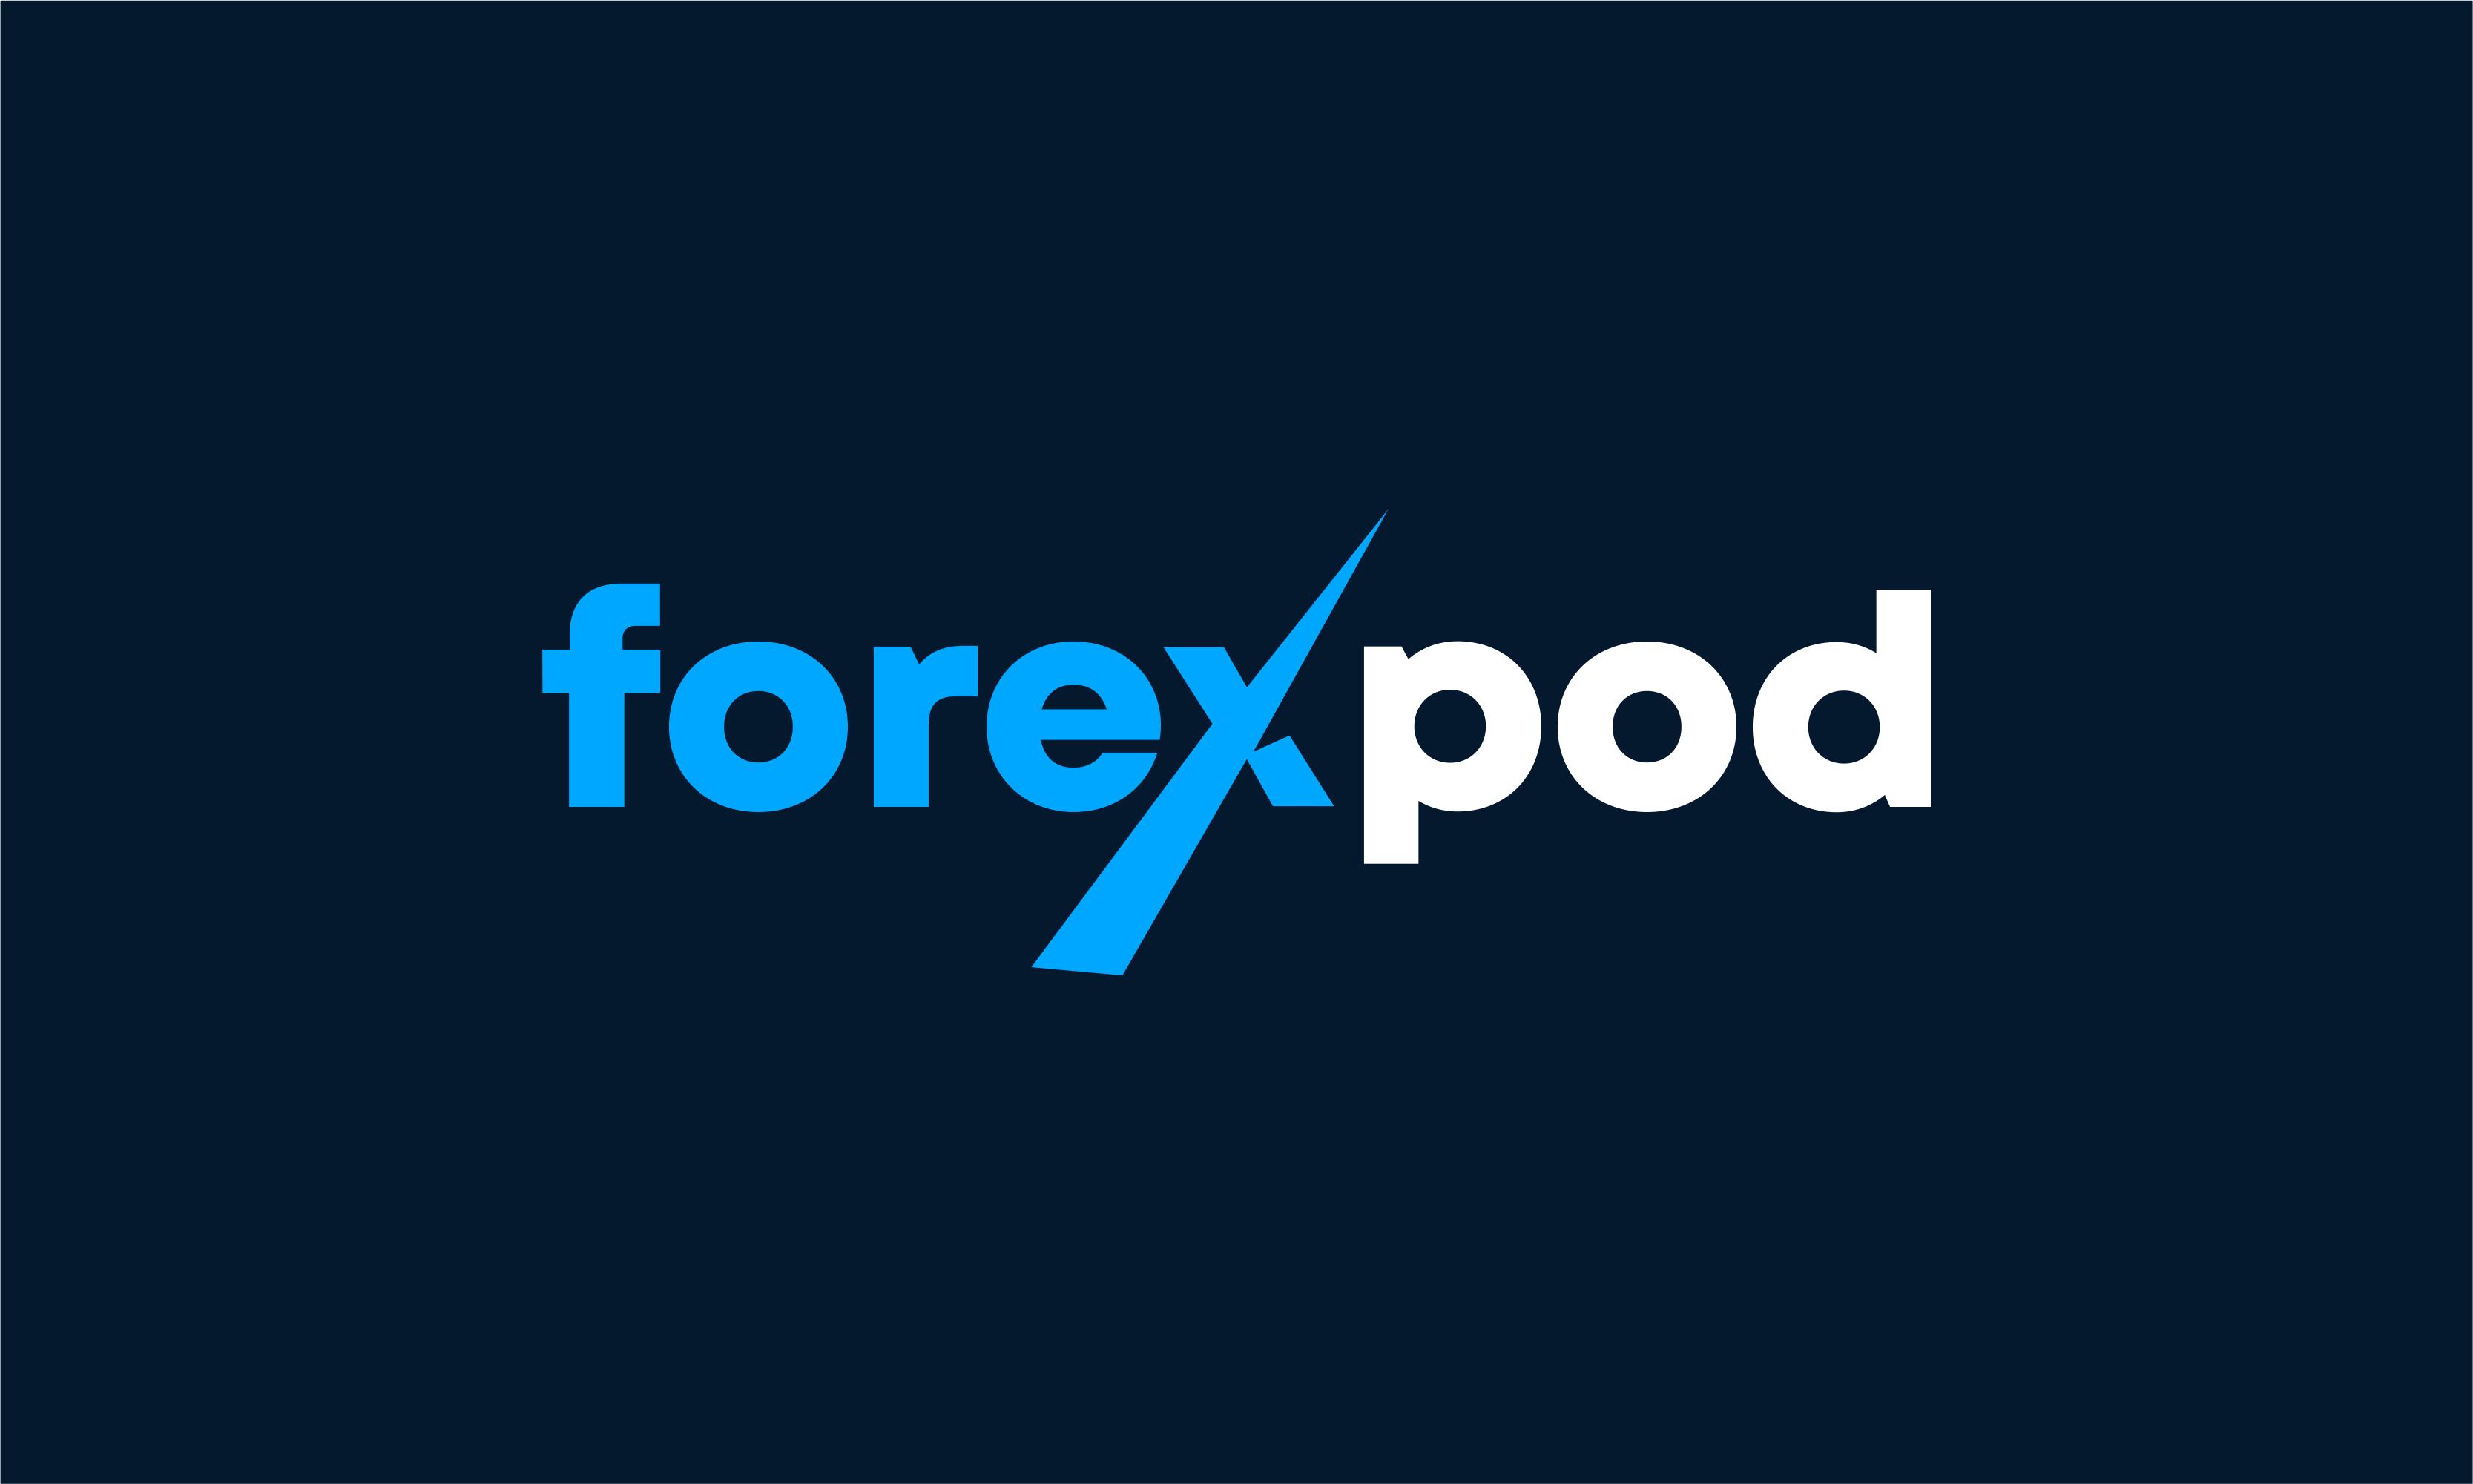 Forexpod